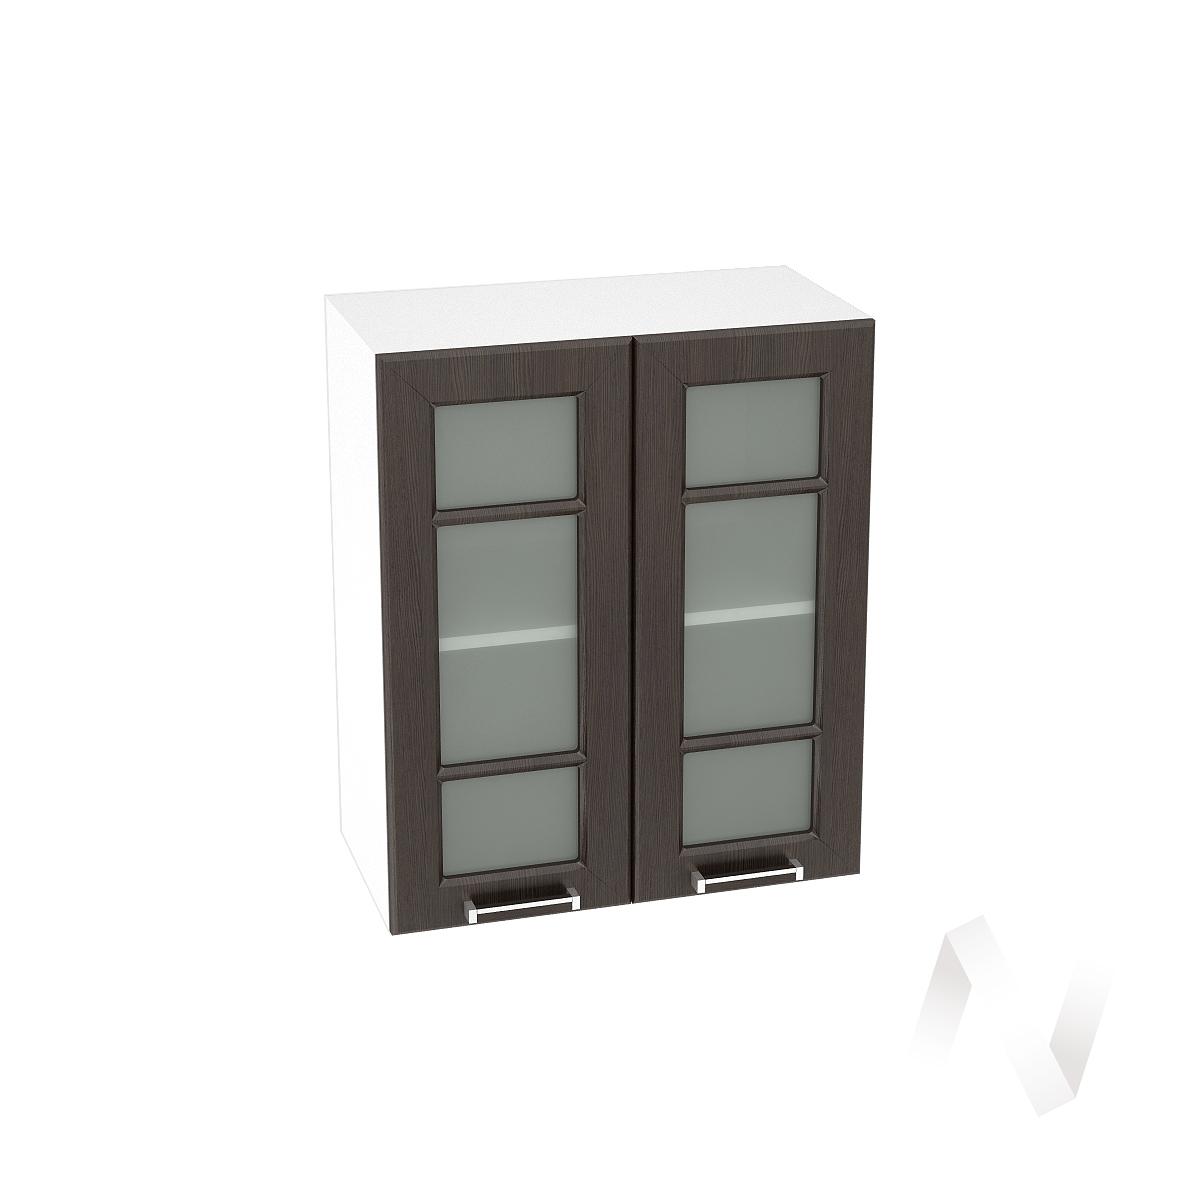 """Кухня """"Прага"""": Шкаф верхний со стеклом 600, ШВС 600 новый (венге/корпус белый)"""